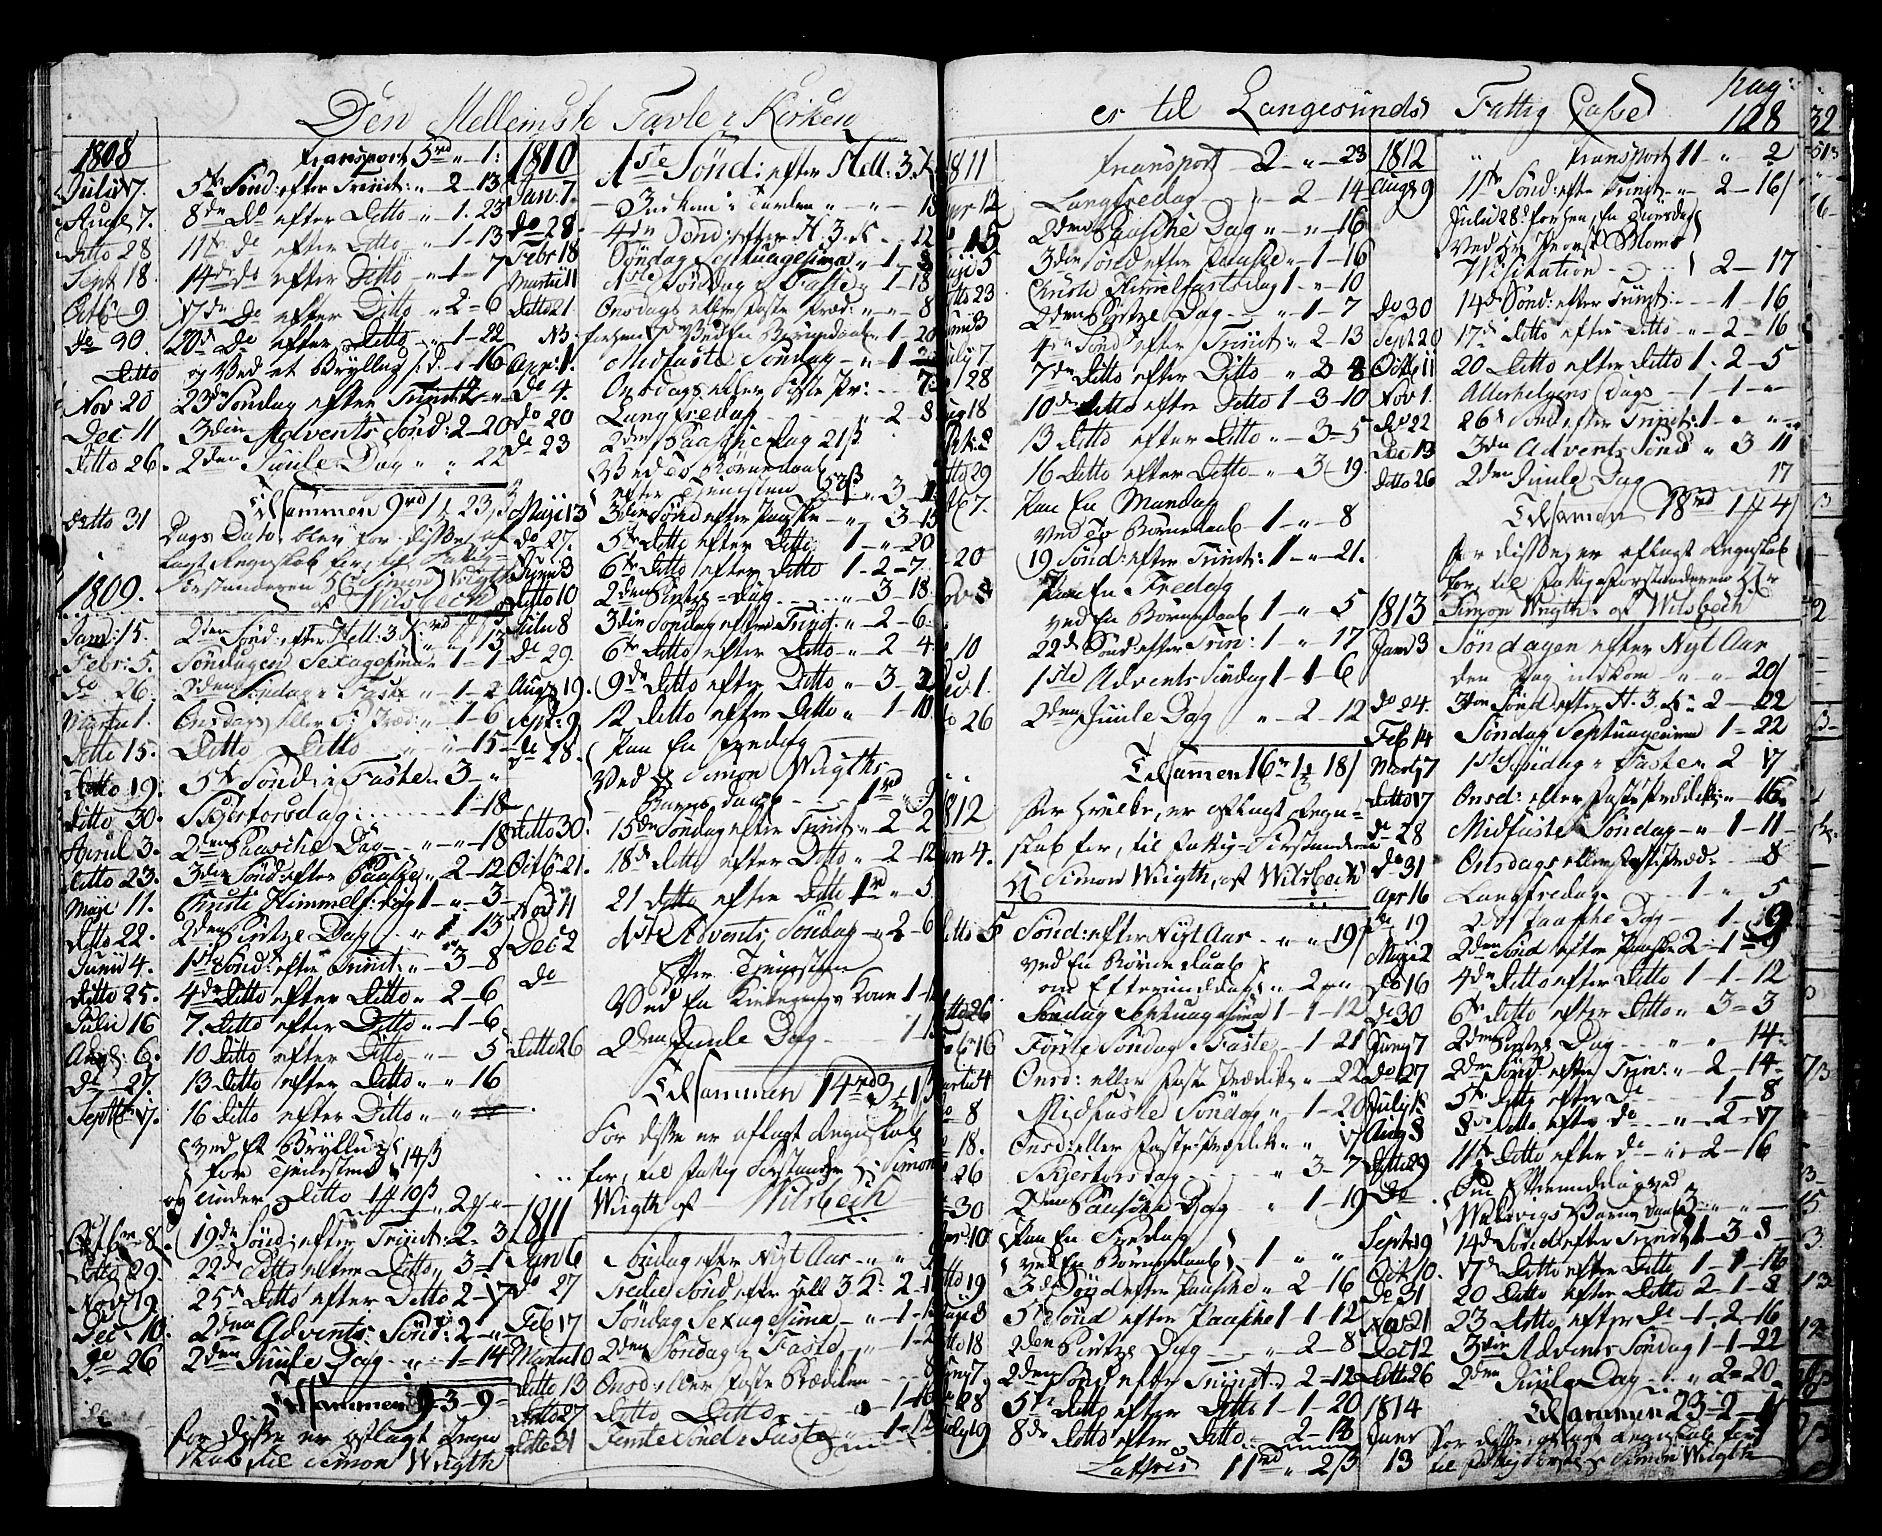 SAKO, Langesund kirkebøker, G/Ga/L0002: Klokkerbok nr. 2, 1801-1815, s. 128